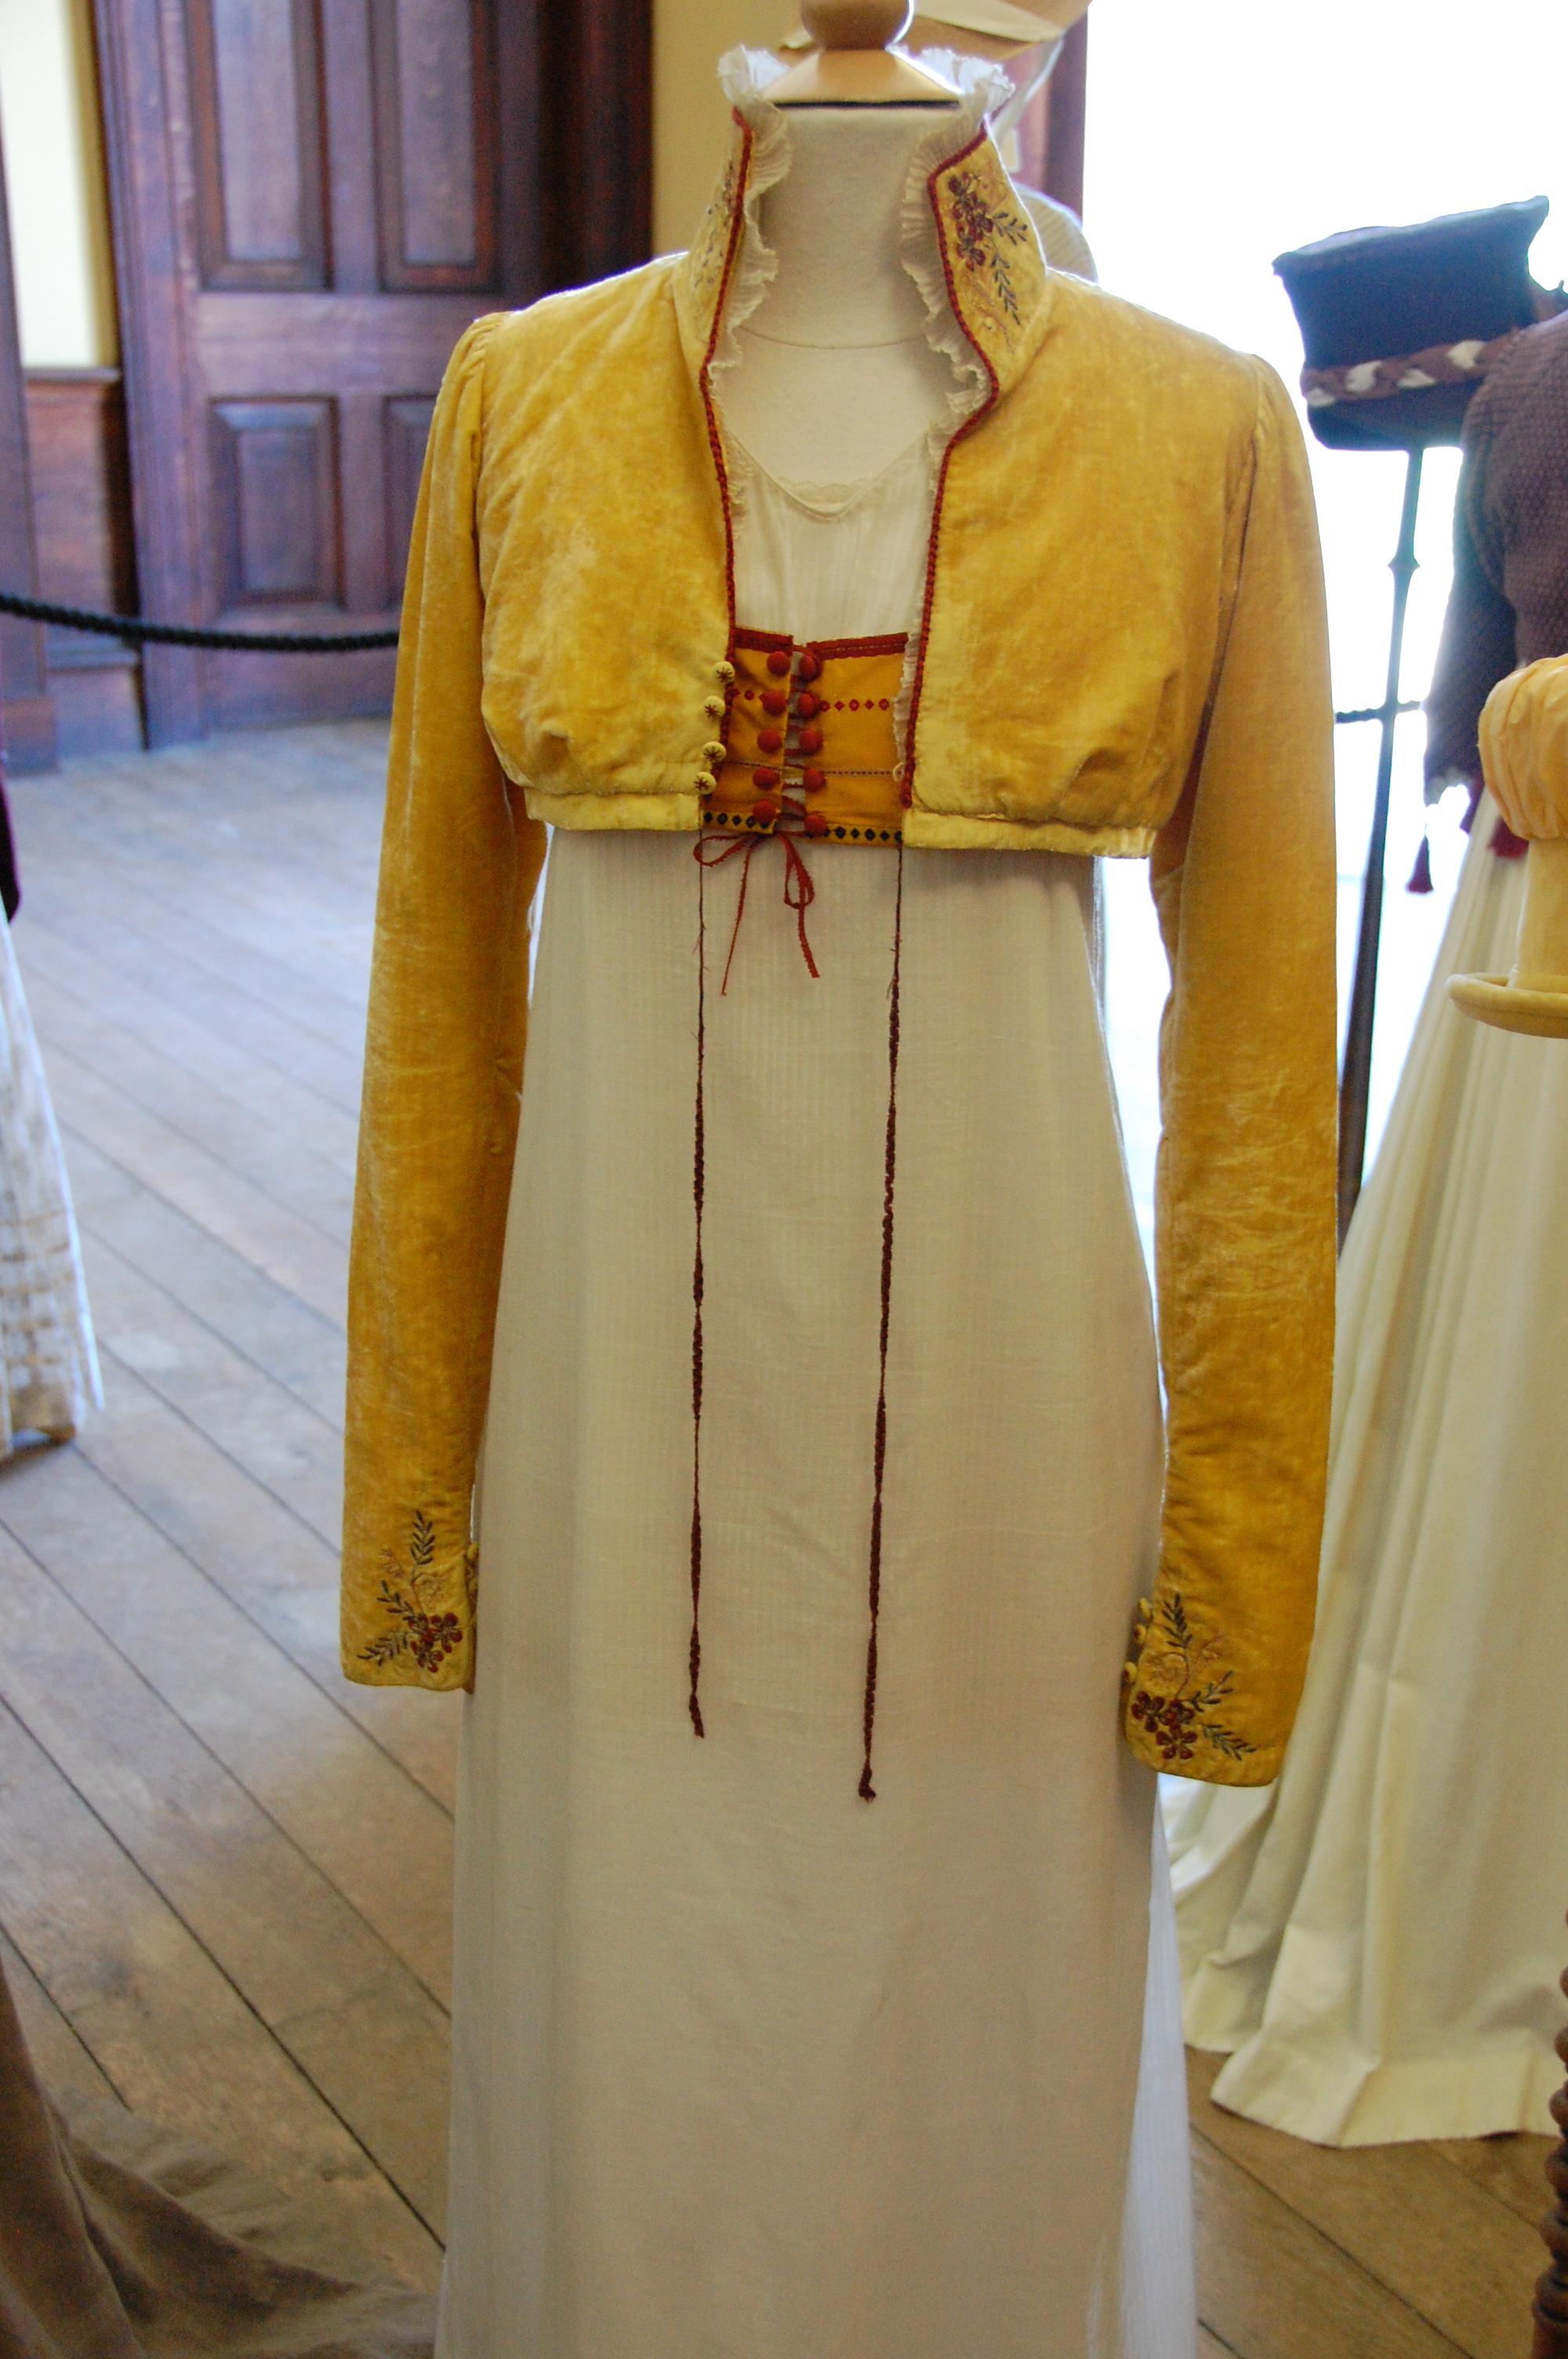 Exposition de costumes austeniens à Belsay Hall Dsc_6508